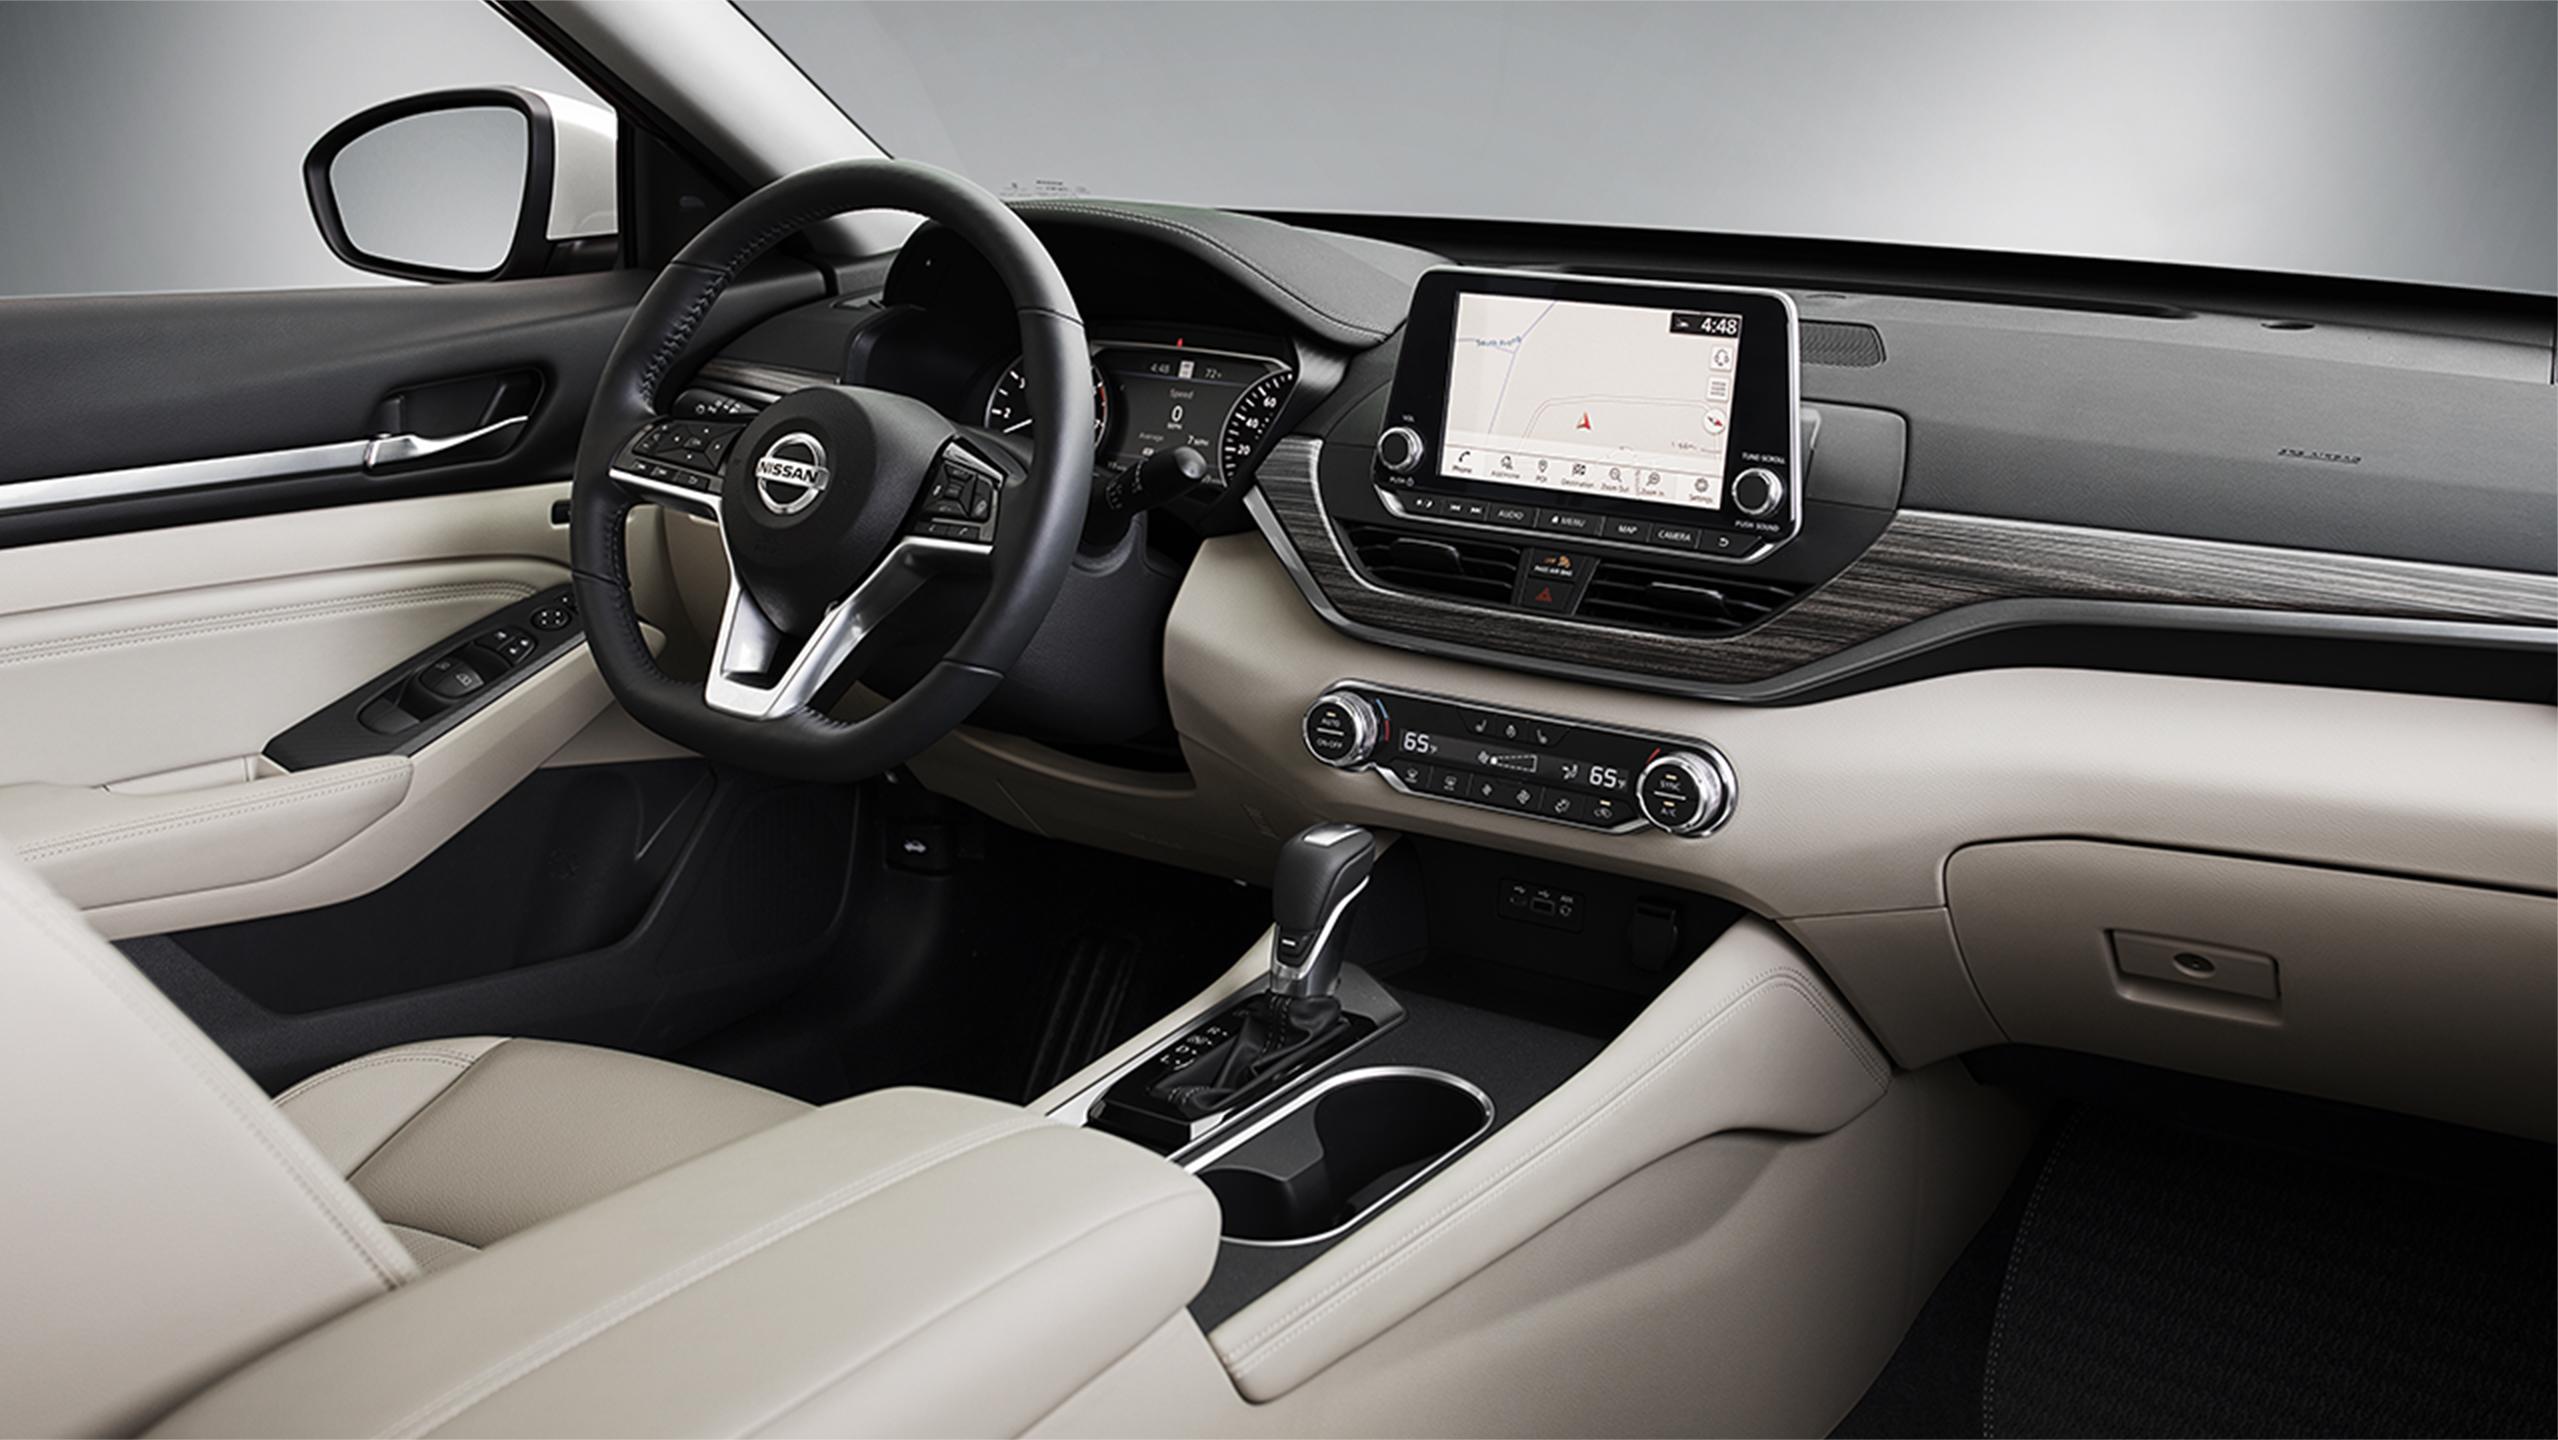 2019 Nissan Altima white interior